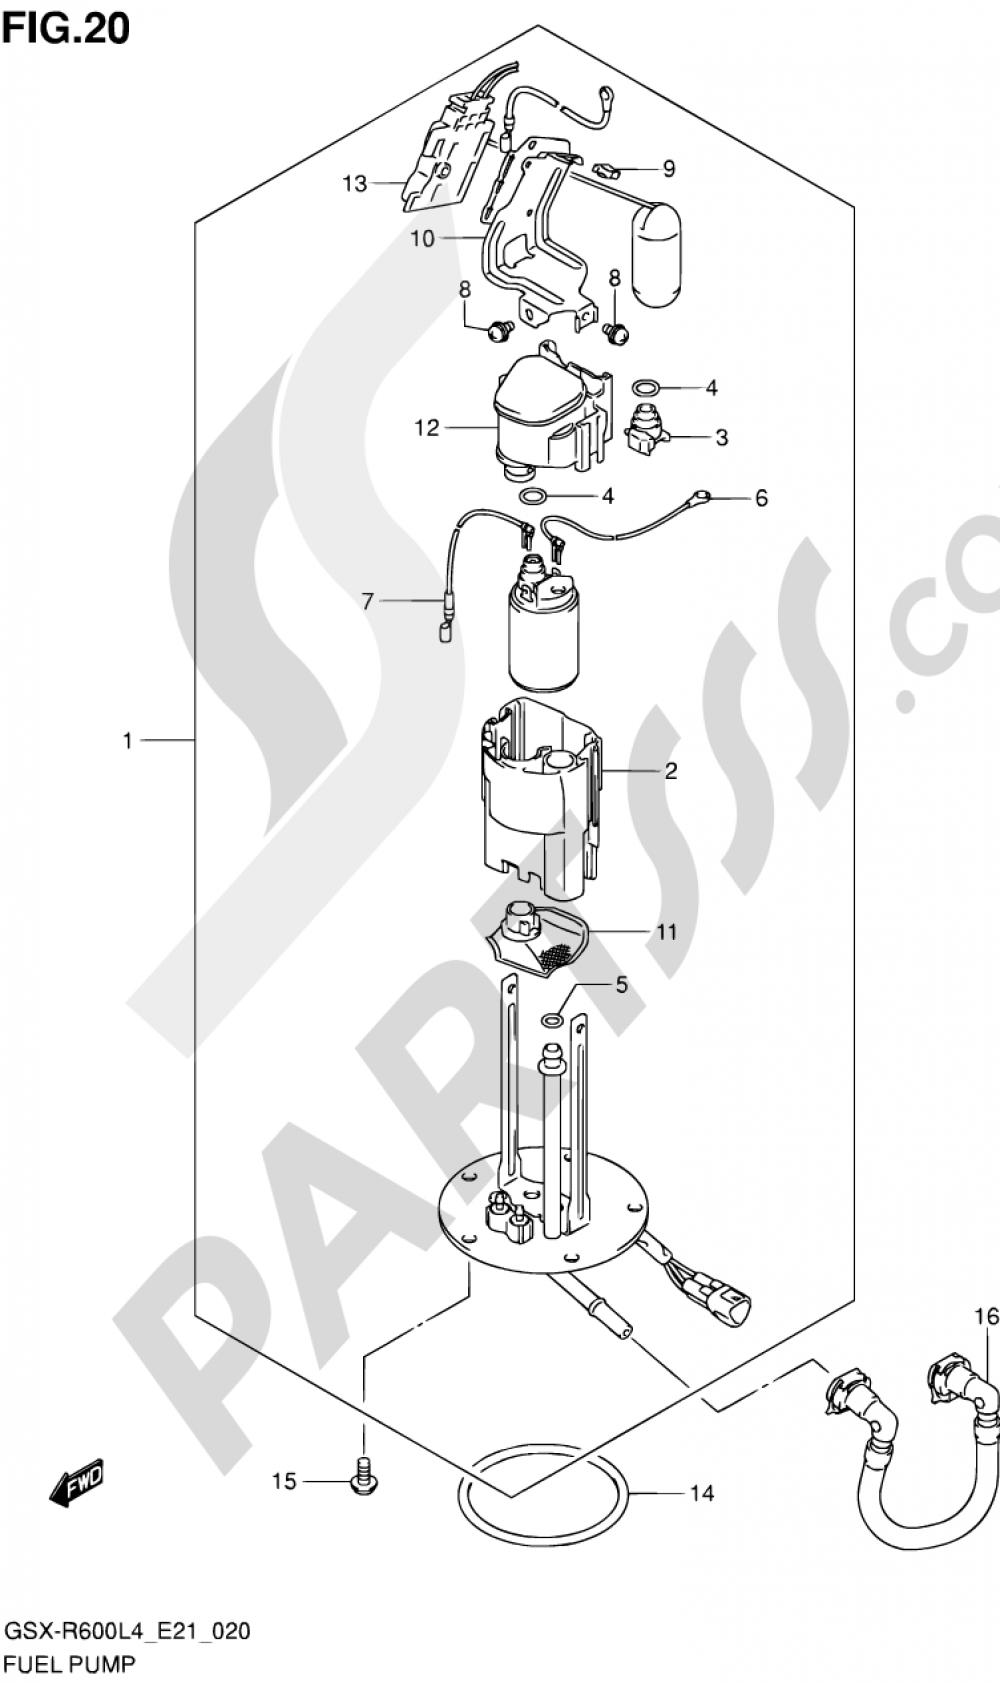 20 - FUEL PUMP Suzuki GSX-R600 2014